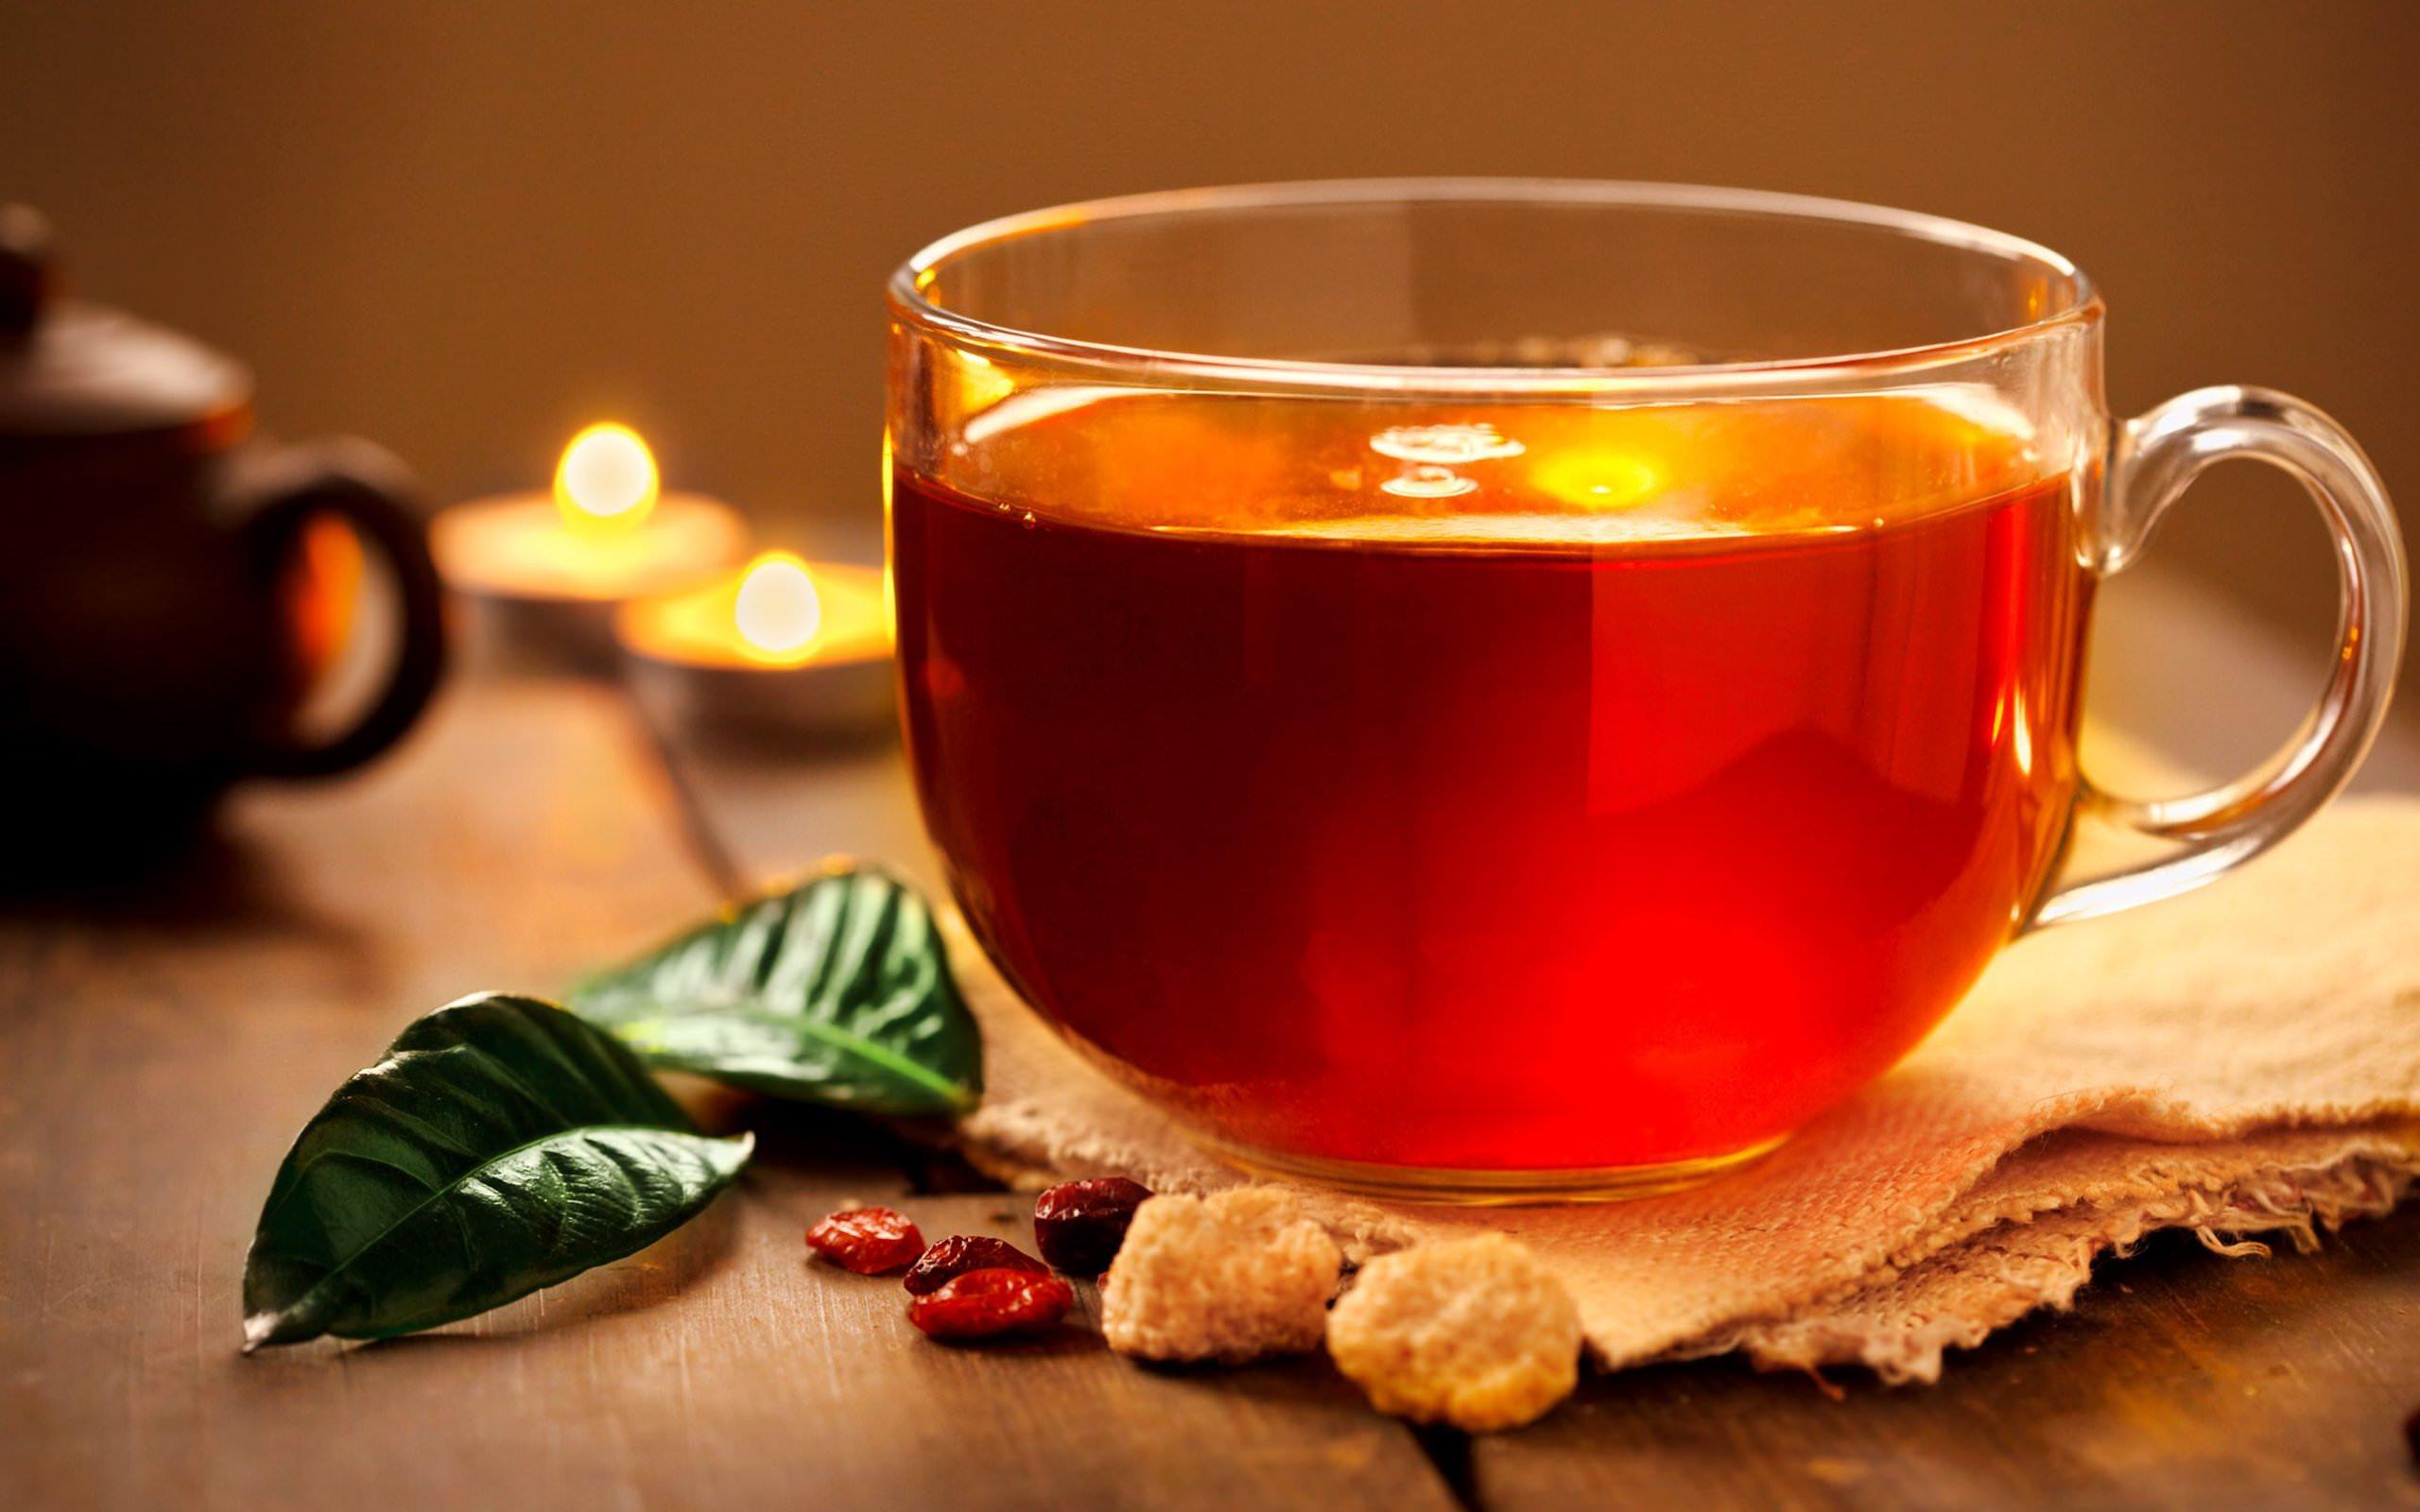 Во время простуды, а также для восстановления сил после инфекционных болезней делают чай из половины чайной ложки измельченных листьев рододендрона кавказского